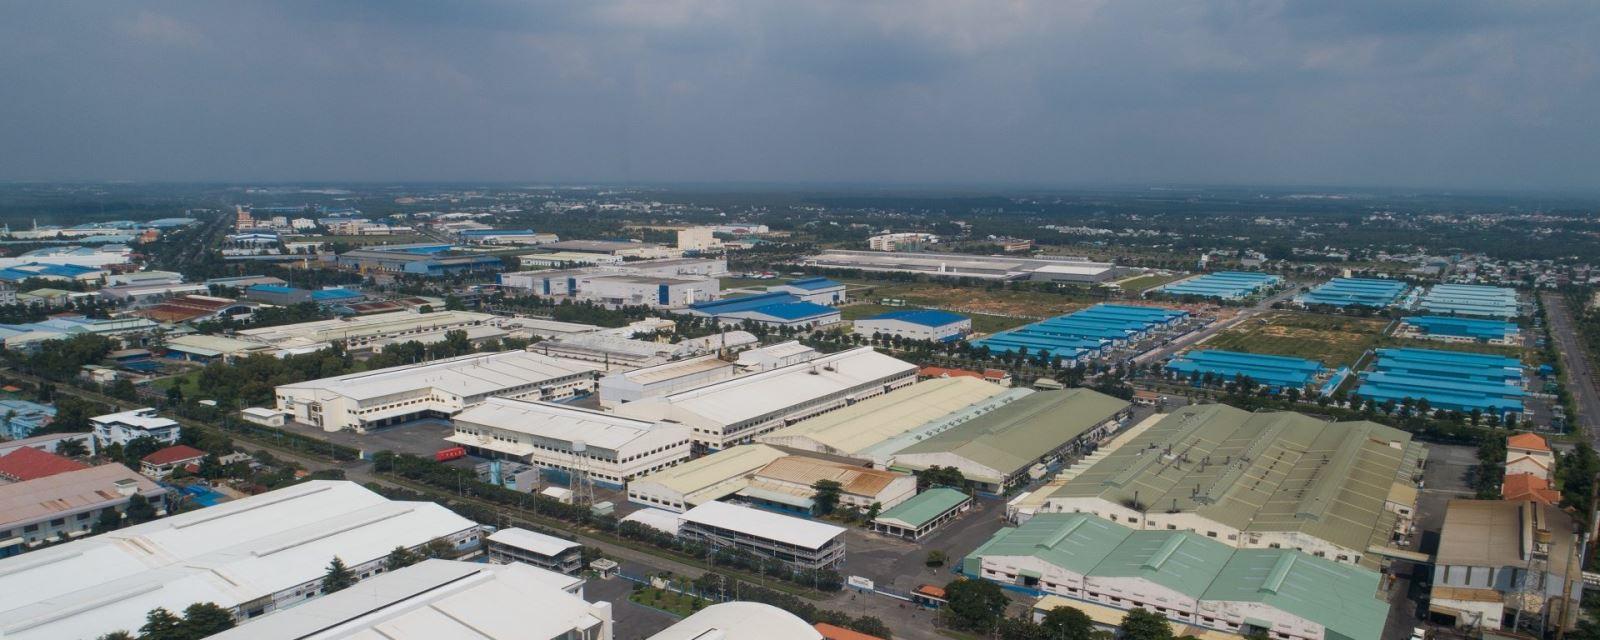 Loạt dự án tại Đồng Nai 'nằm chờ' vì vướng mắc trong việc giao đất, thu hồi đất - Ảnh 1.